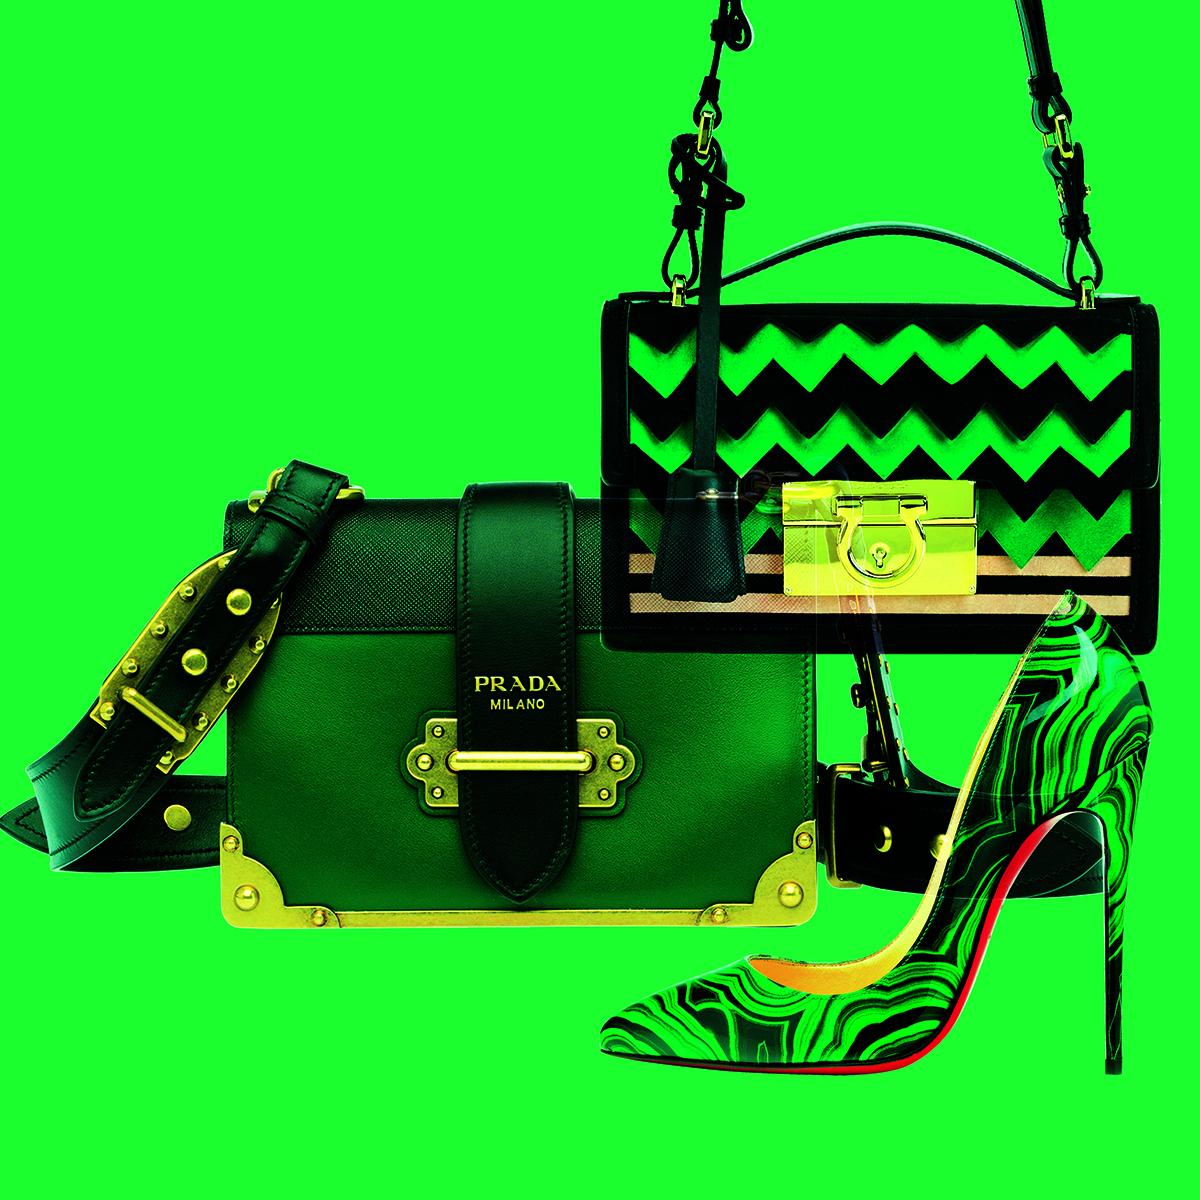 Les accessoires vert et noir de Prada, Salvatore Ferragamo et Christian Louboutin